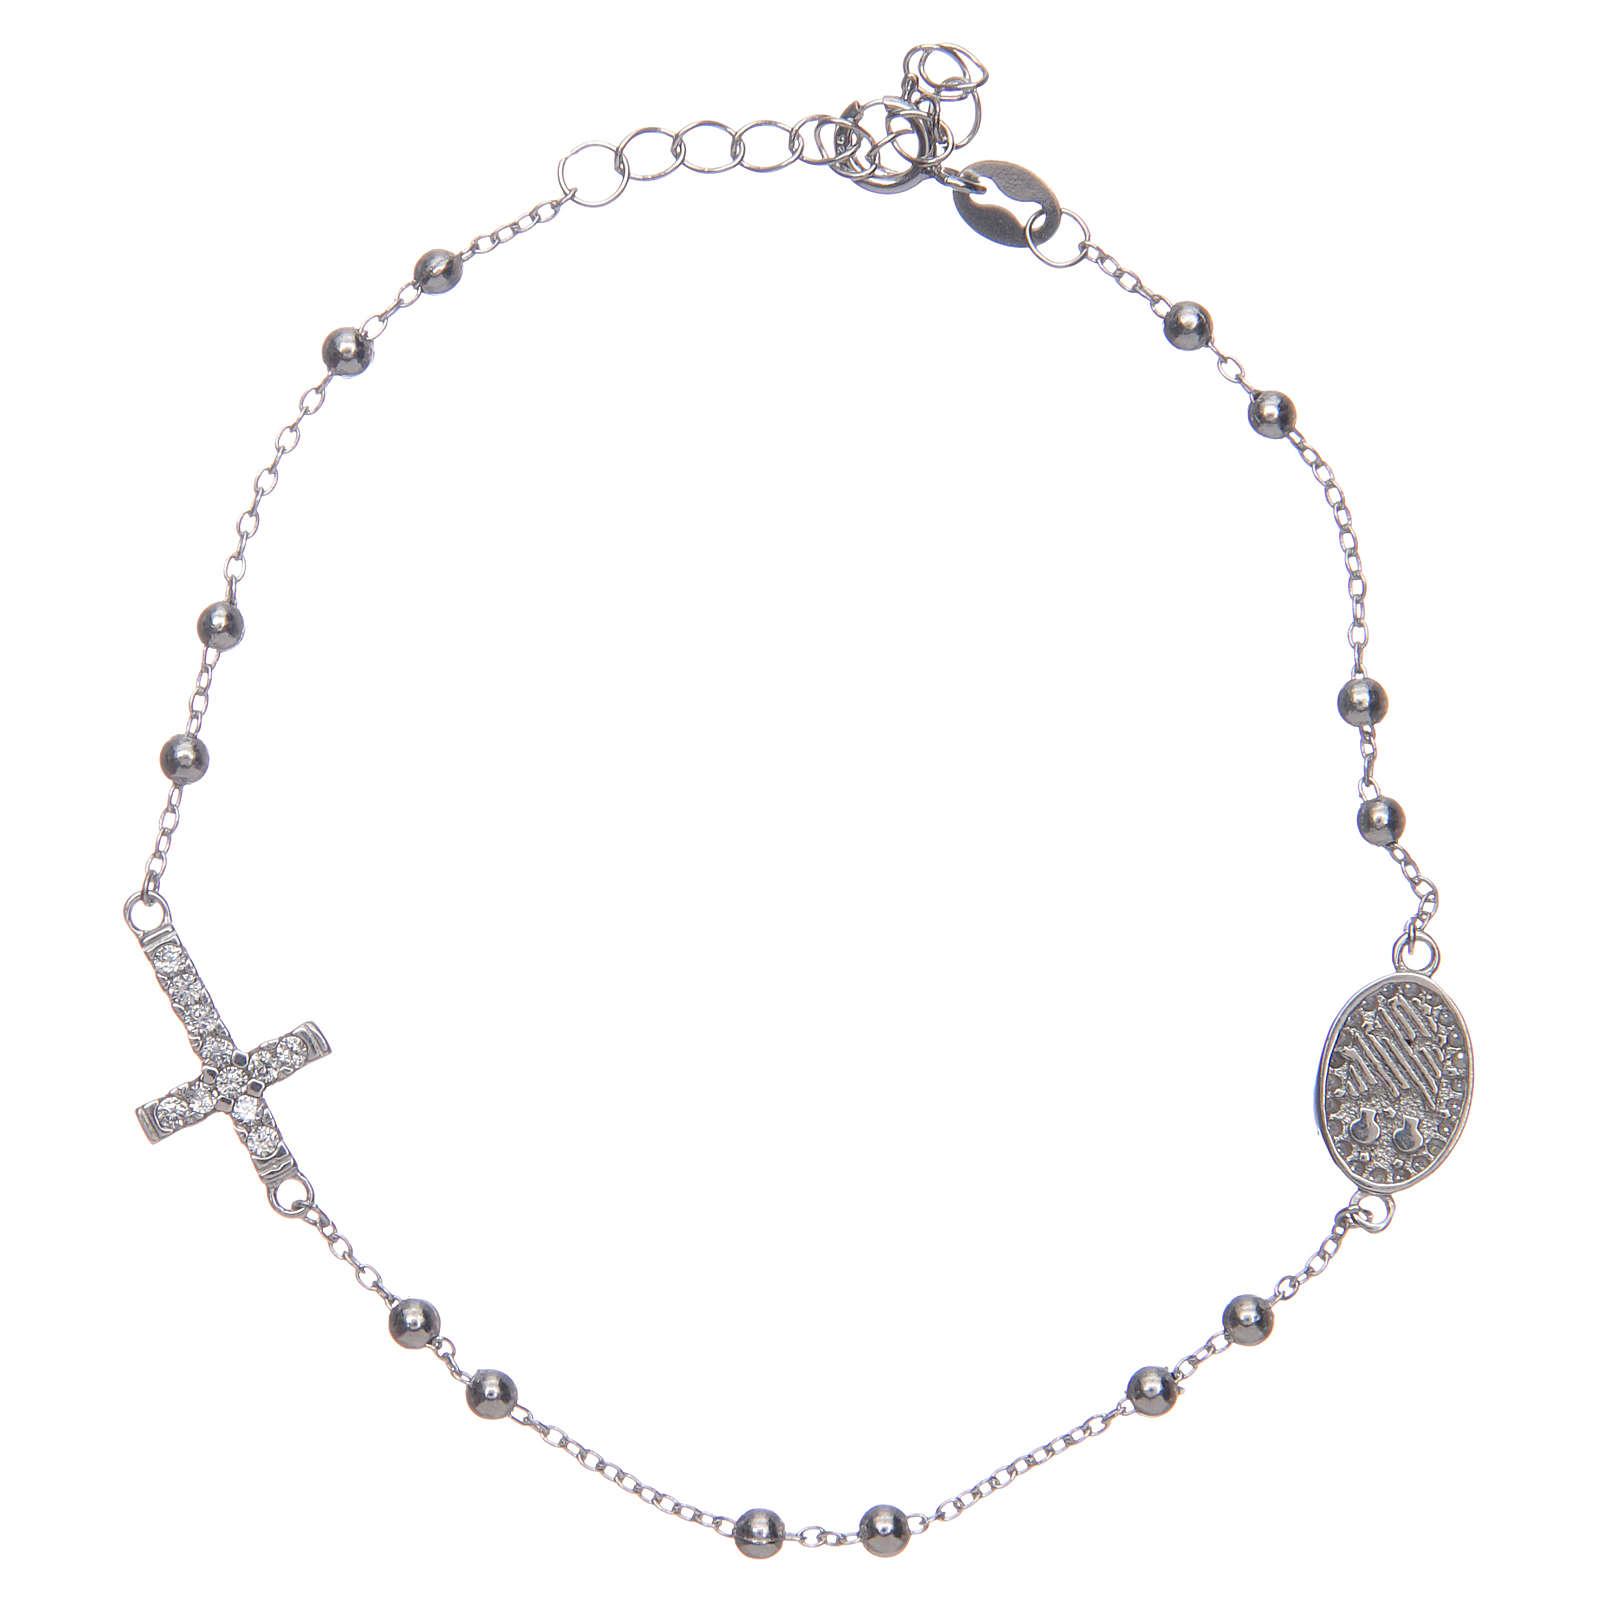 Braccialetto decina Santa Rita silver zirconi bianchi argento 925 4